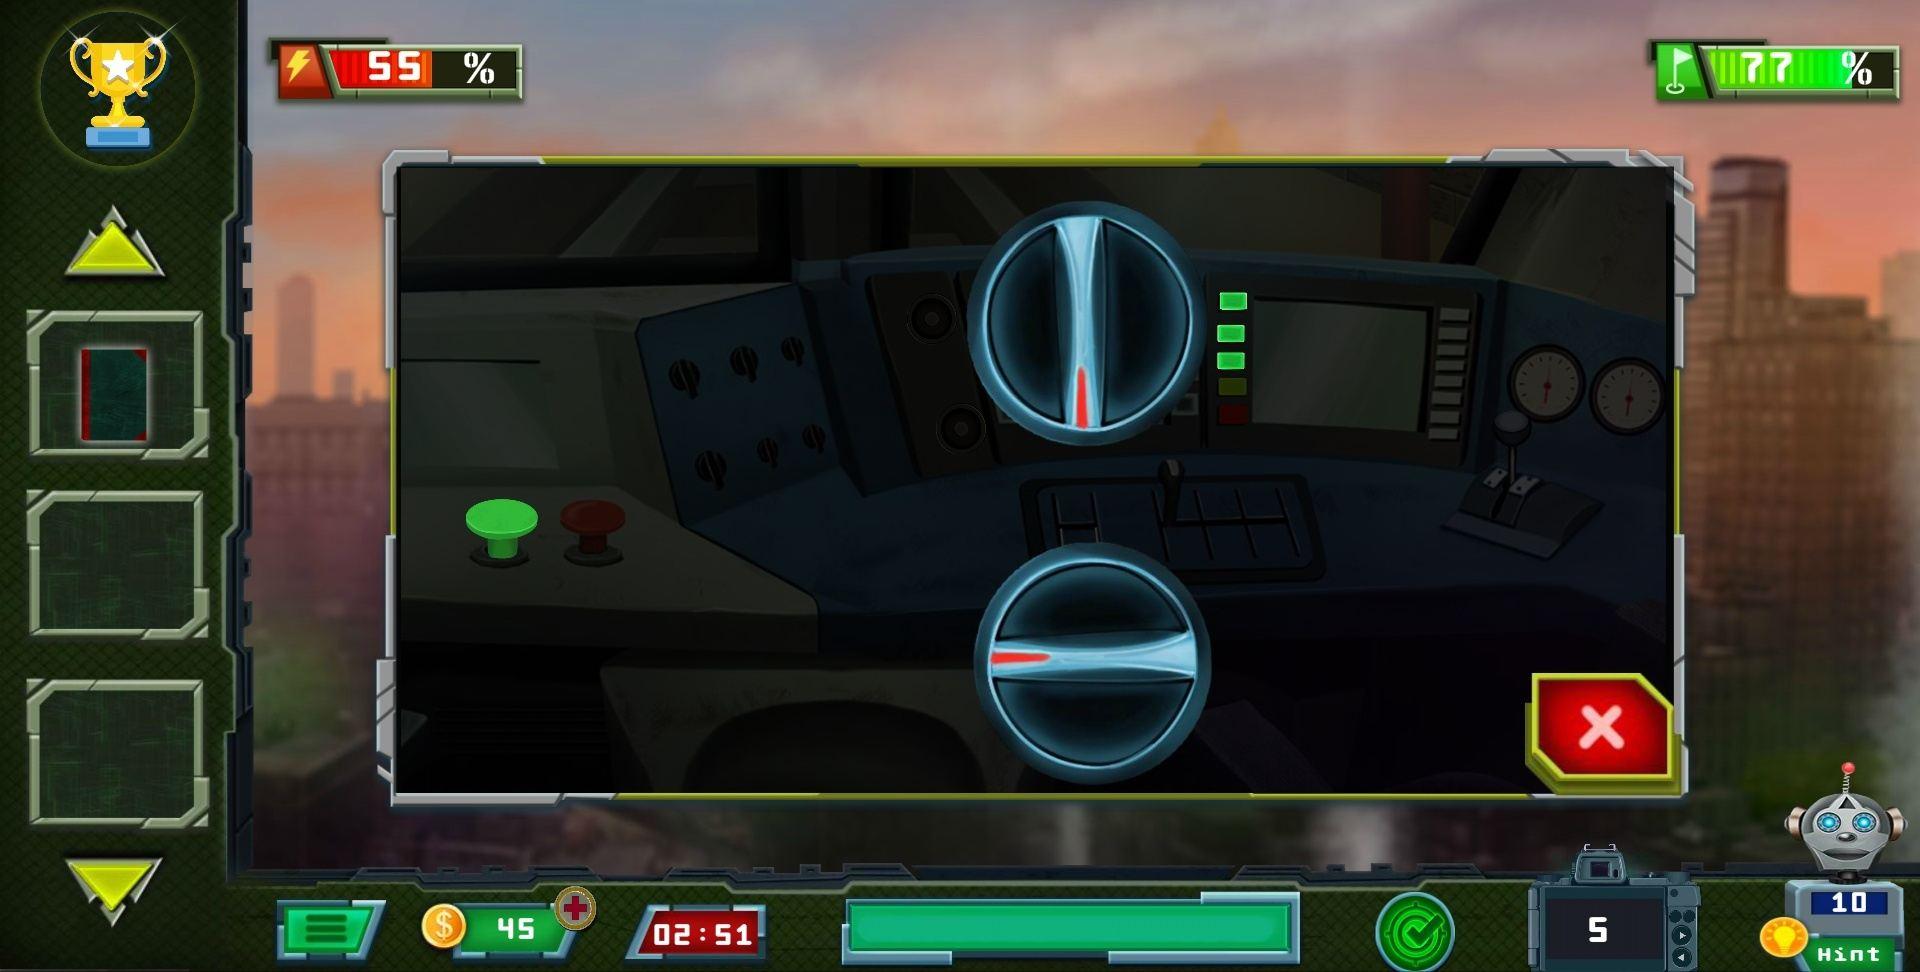 Survival 2-Pandemic Warrior(Скрытая тайна - Пандемический воин) 5 уровень